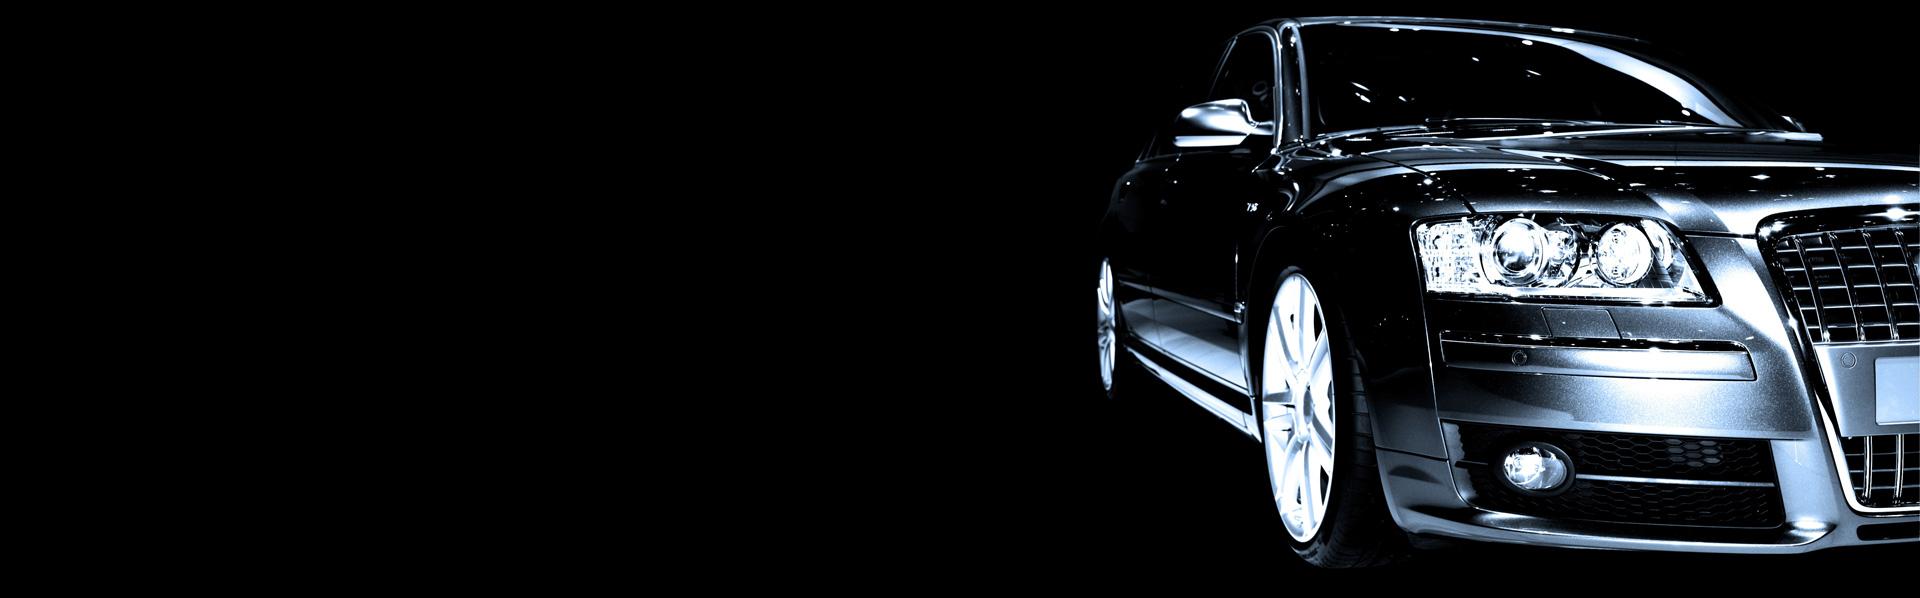 wypożyczalnia samochodów dostawczych gdy szukasz auta do przeprowadzki